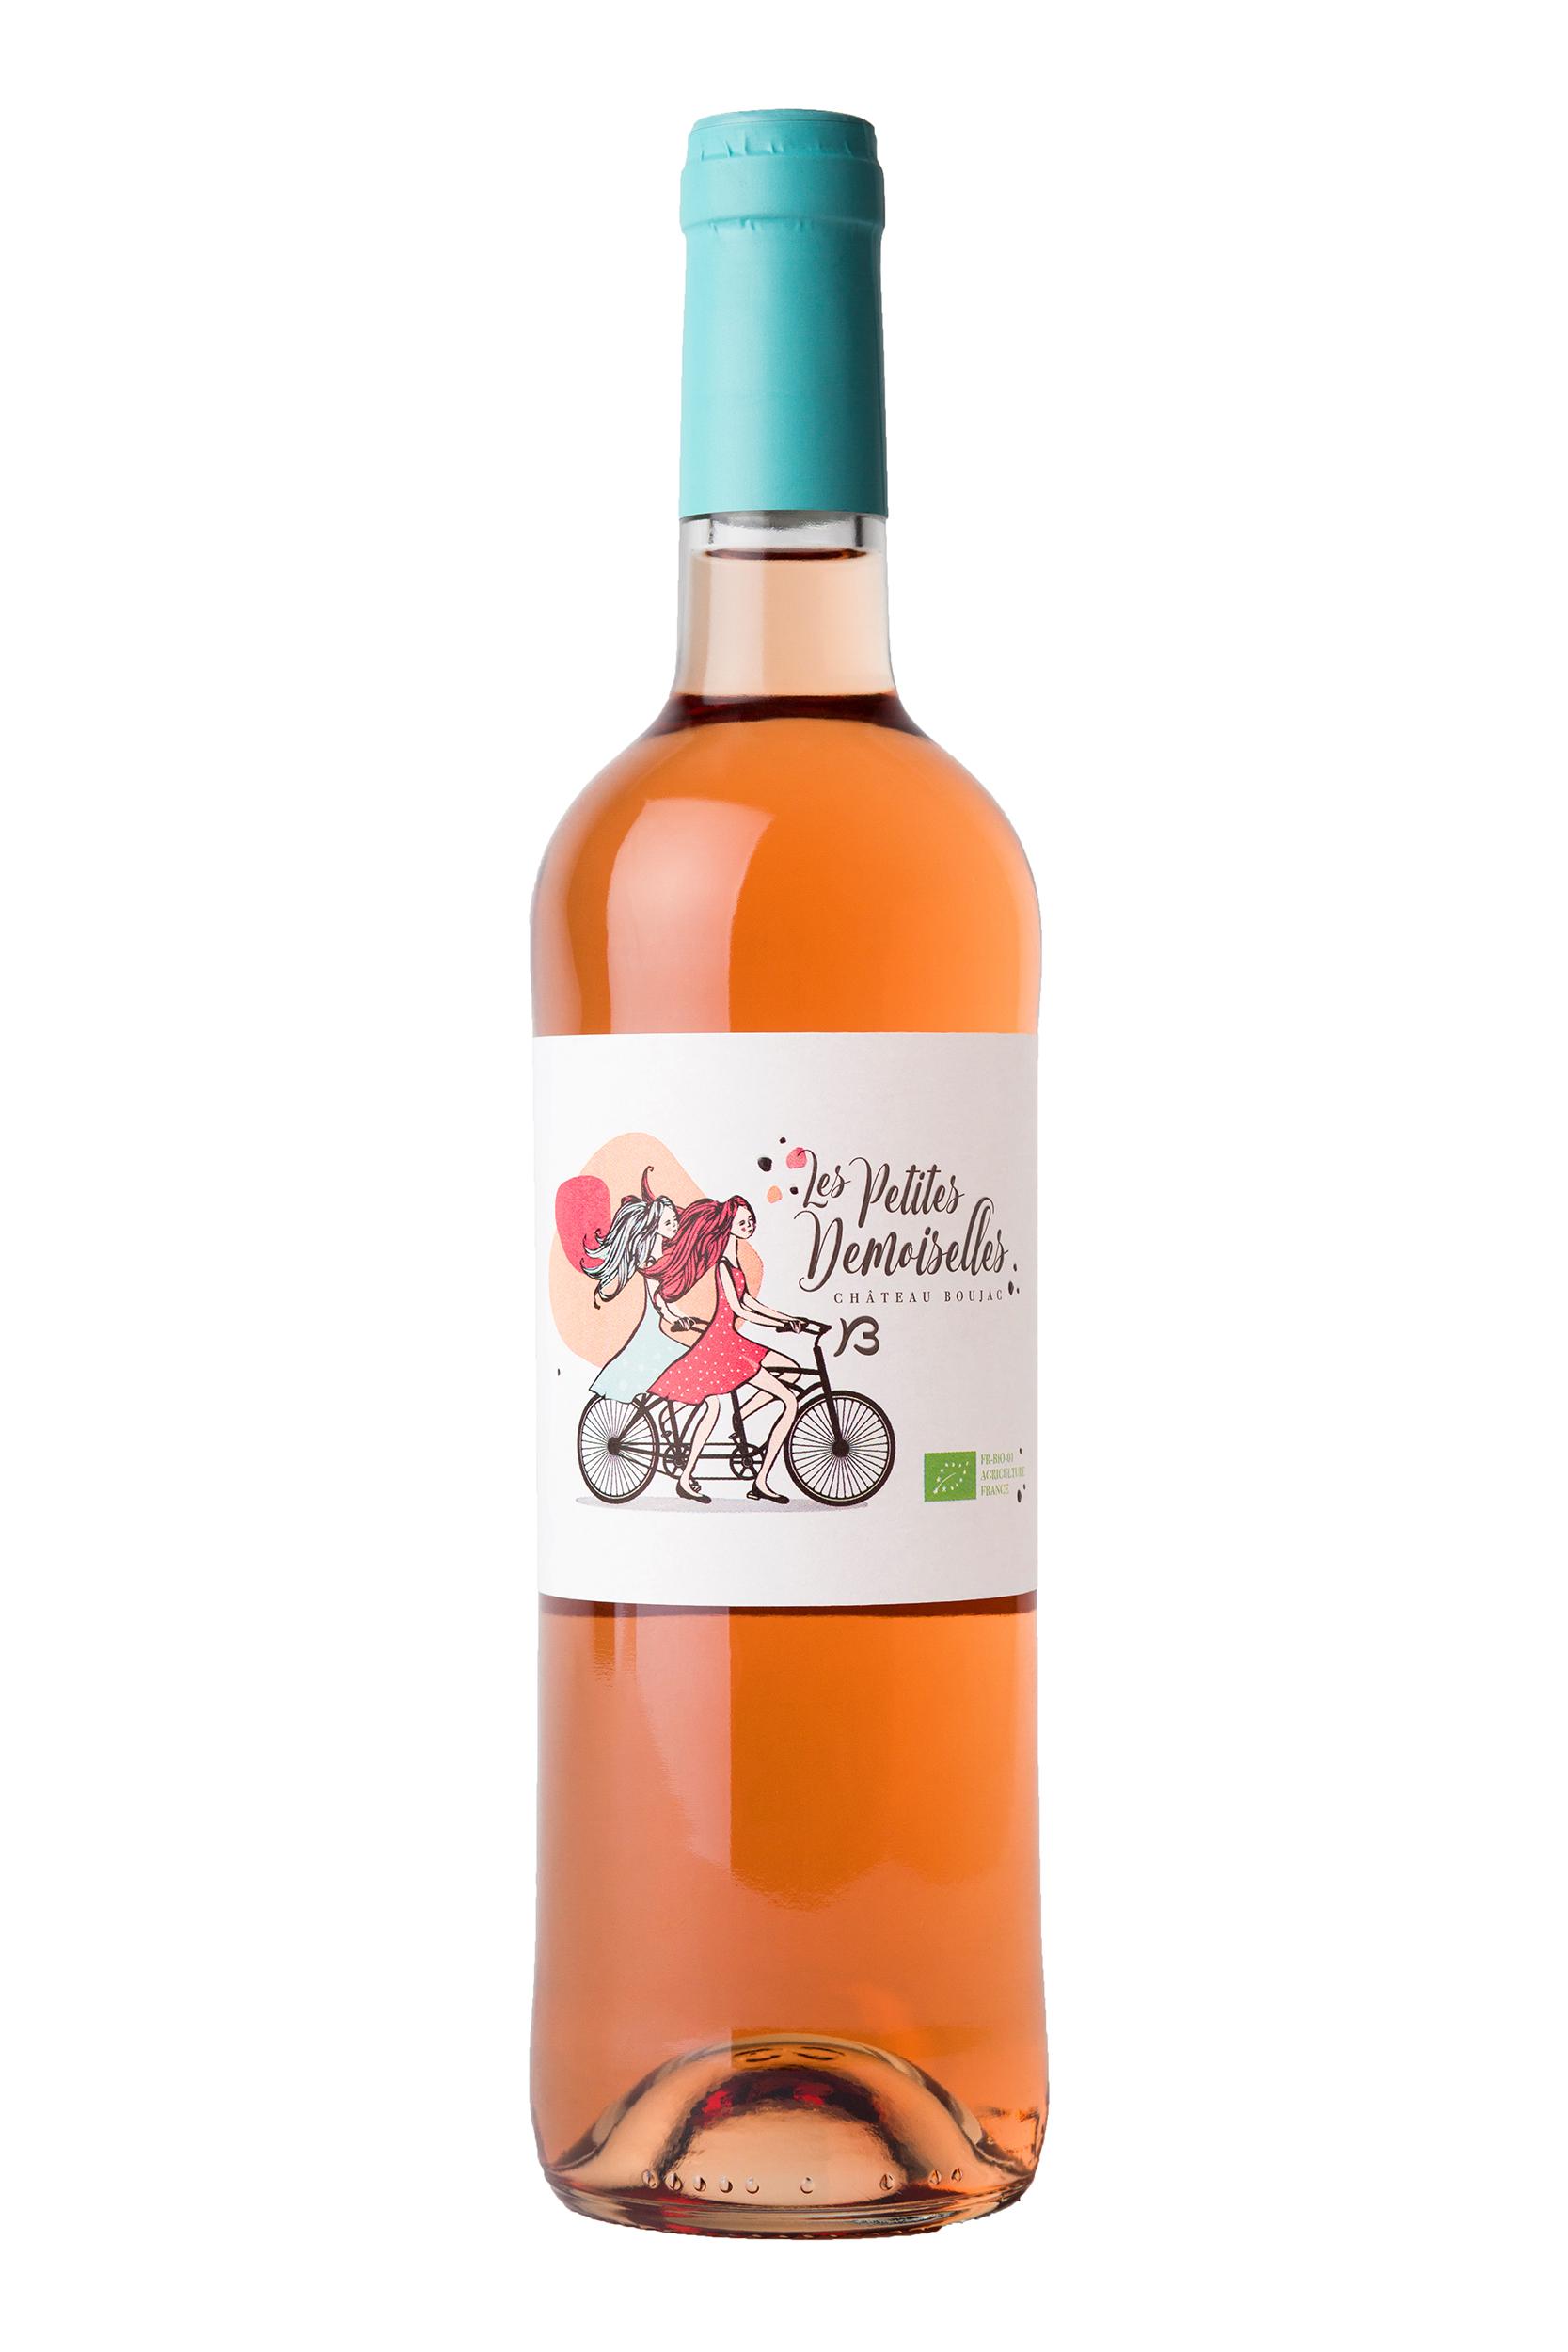 Vin rosé petite demoiselle pour les sites de vente en ligne